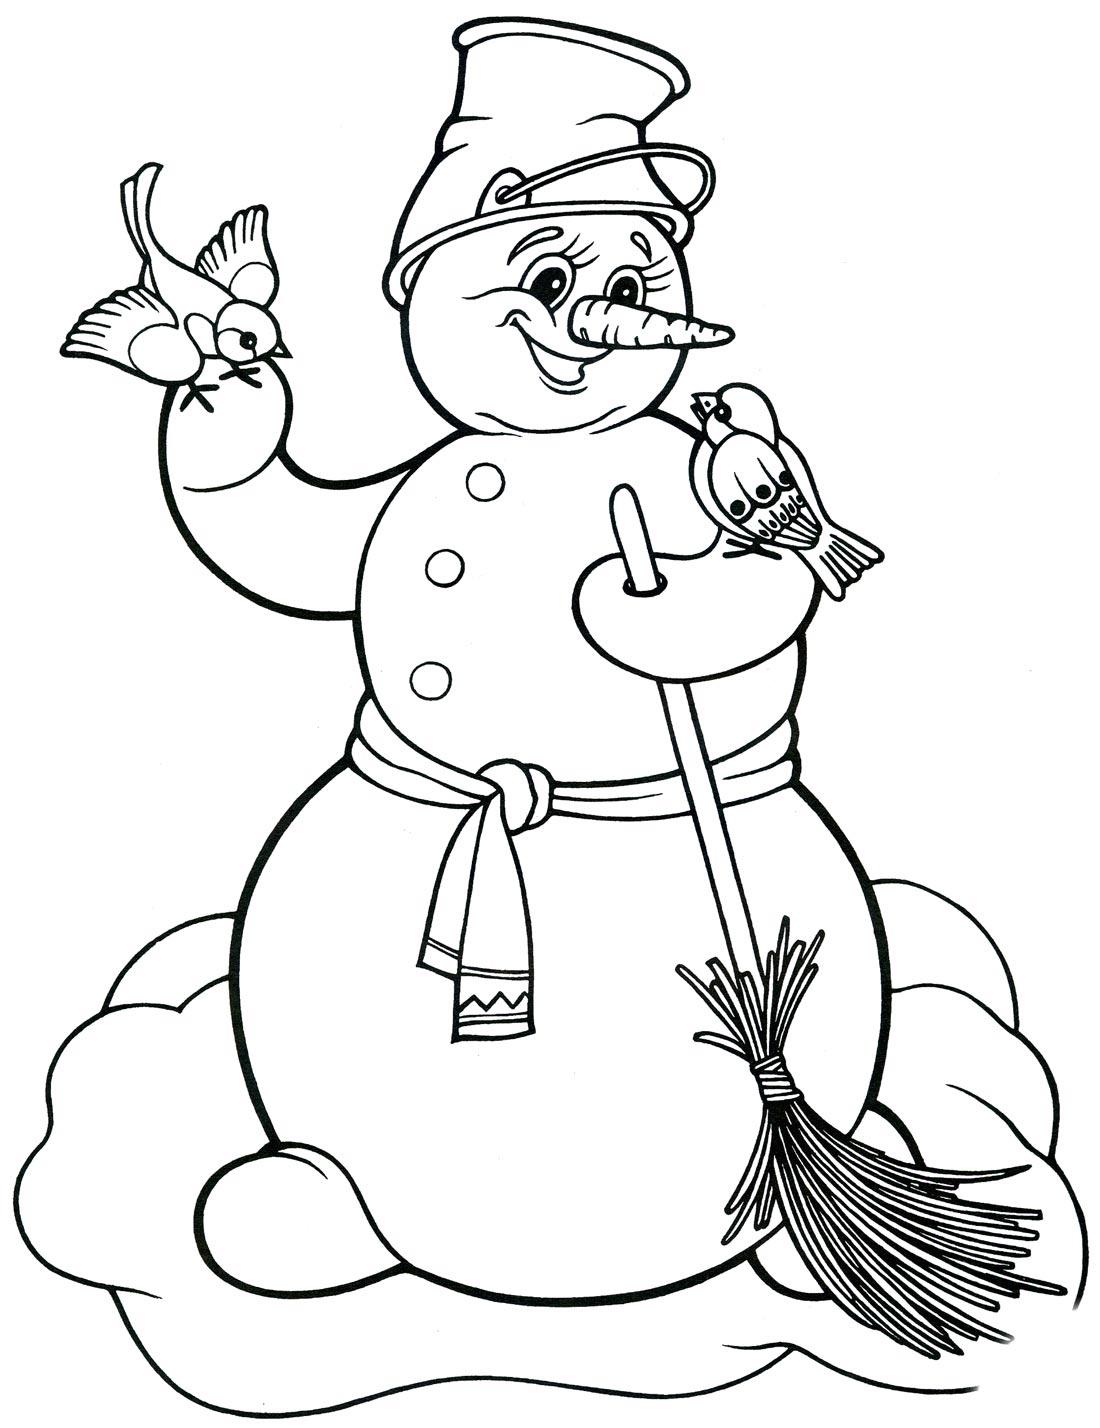 маленькие точки новогодние картинки снеговика раскраска сперва армянской